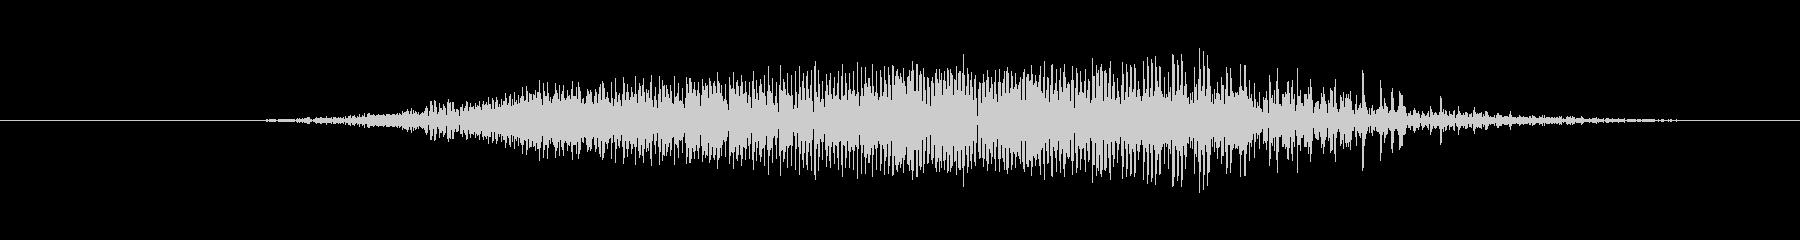 鳴き声 男性スクリーム強制ショート02の未再生の波形